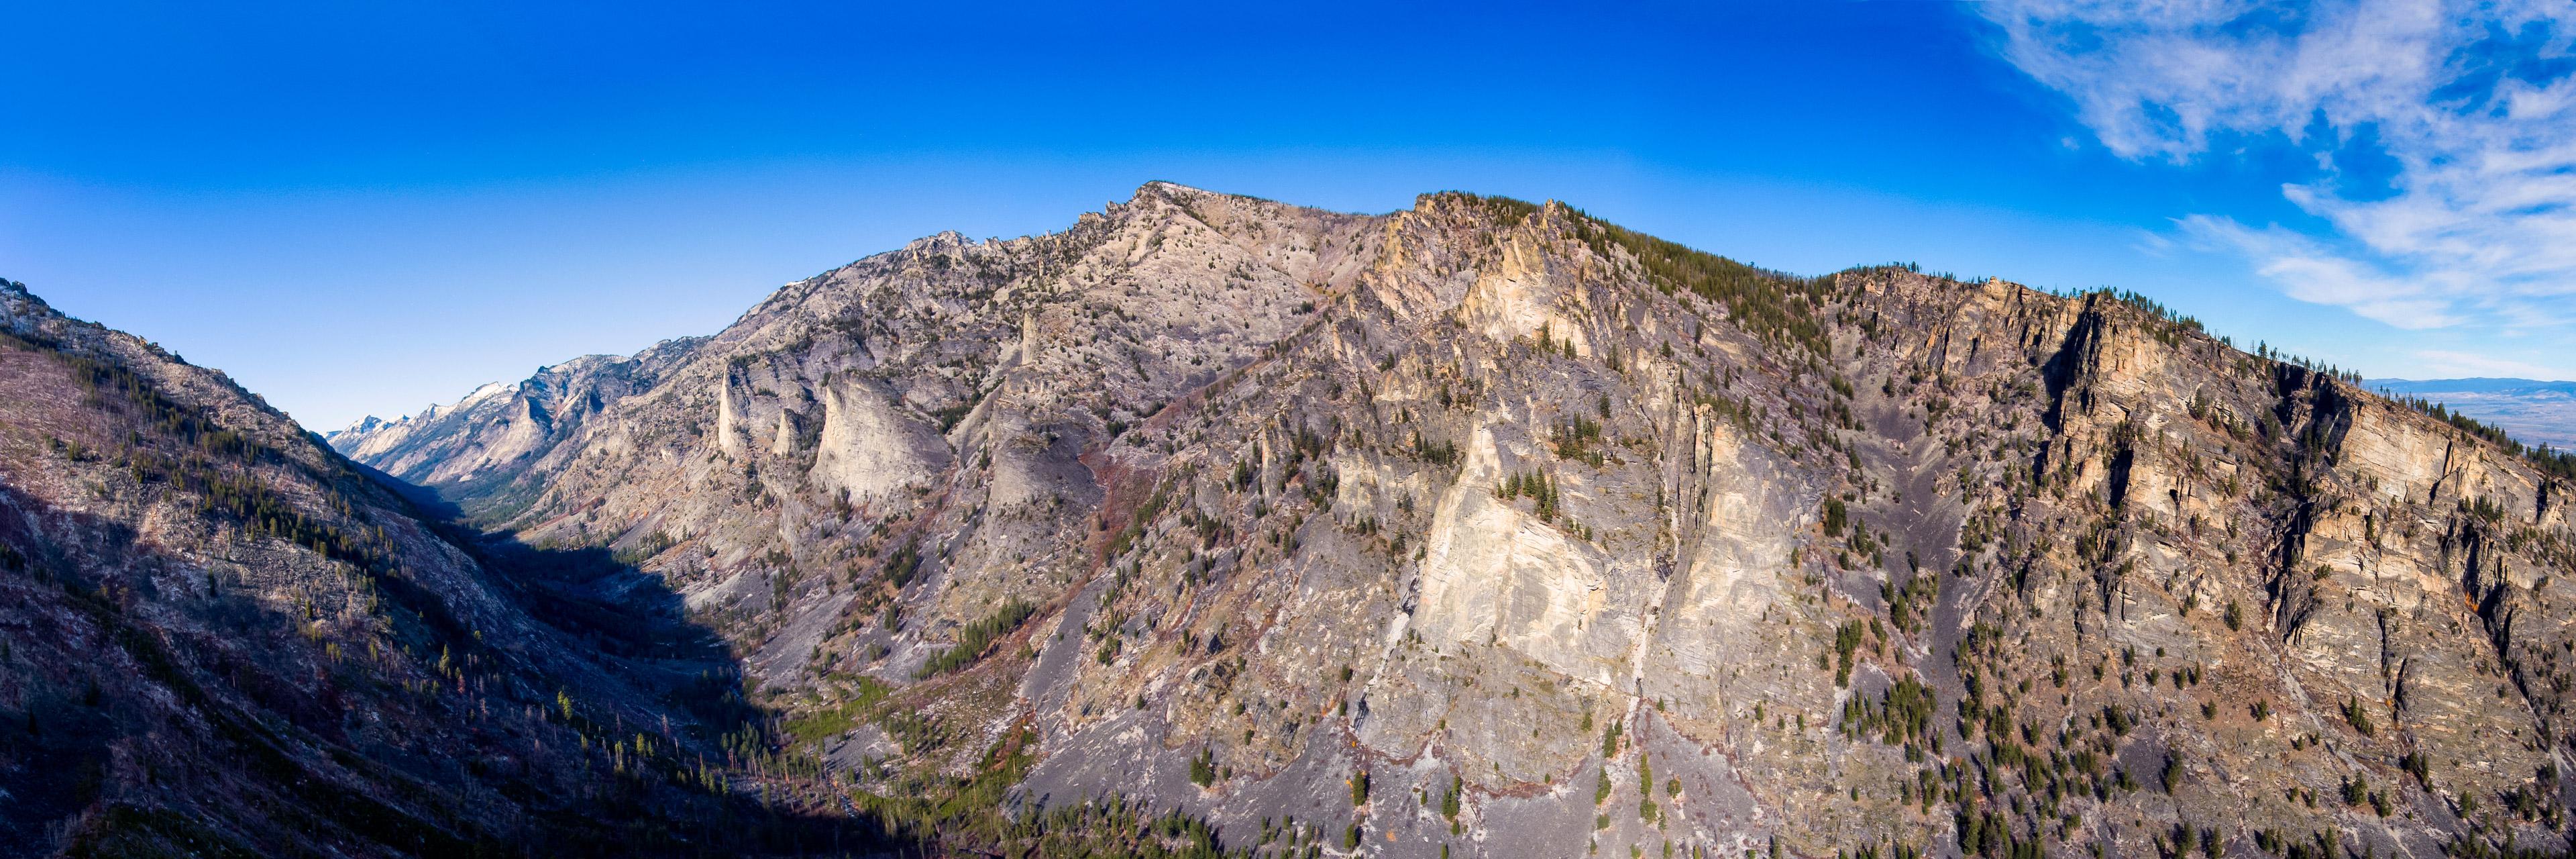 Blodgett Canyon and its granite walls